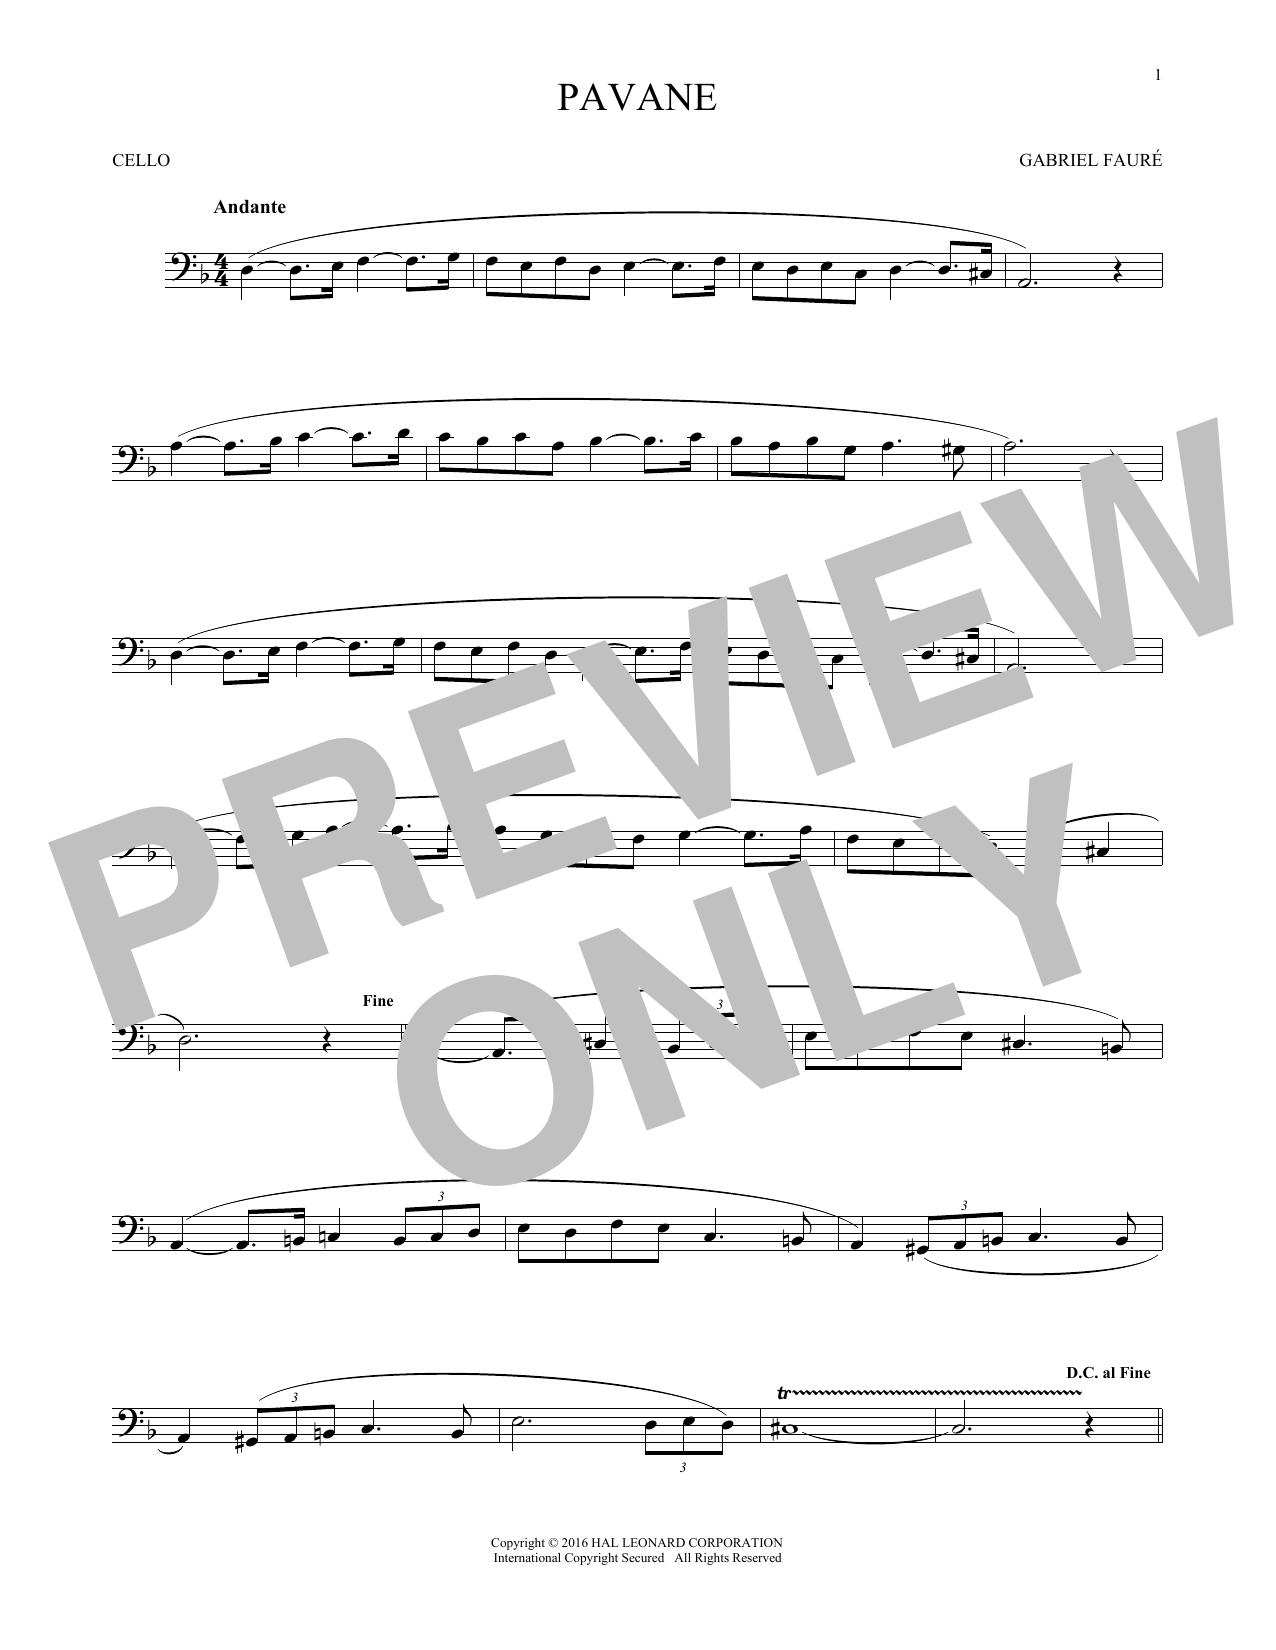 Pavane (Cello Solo)